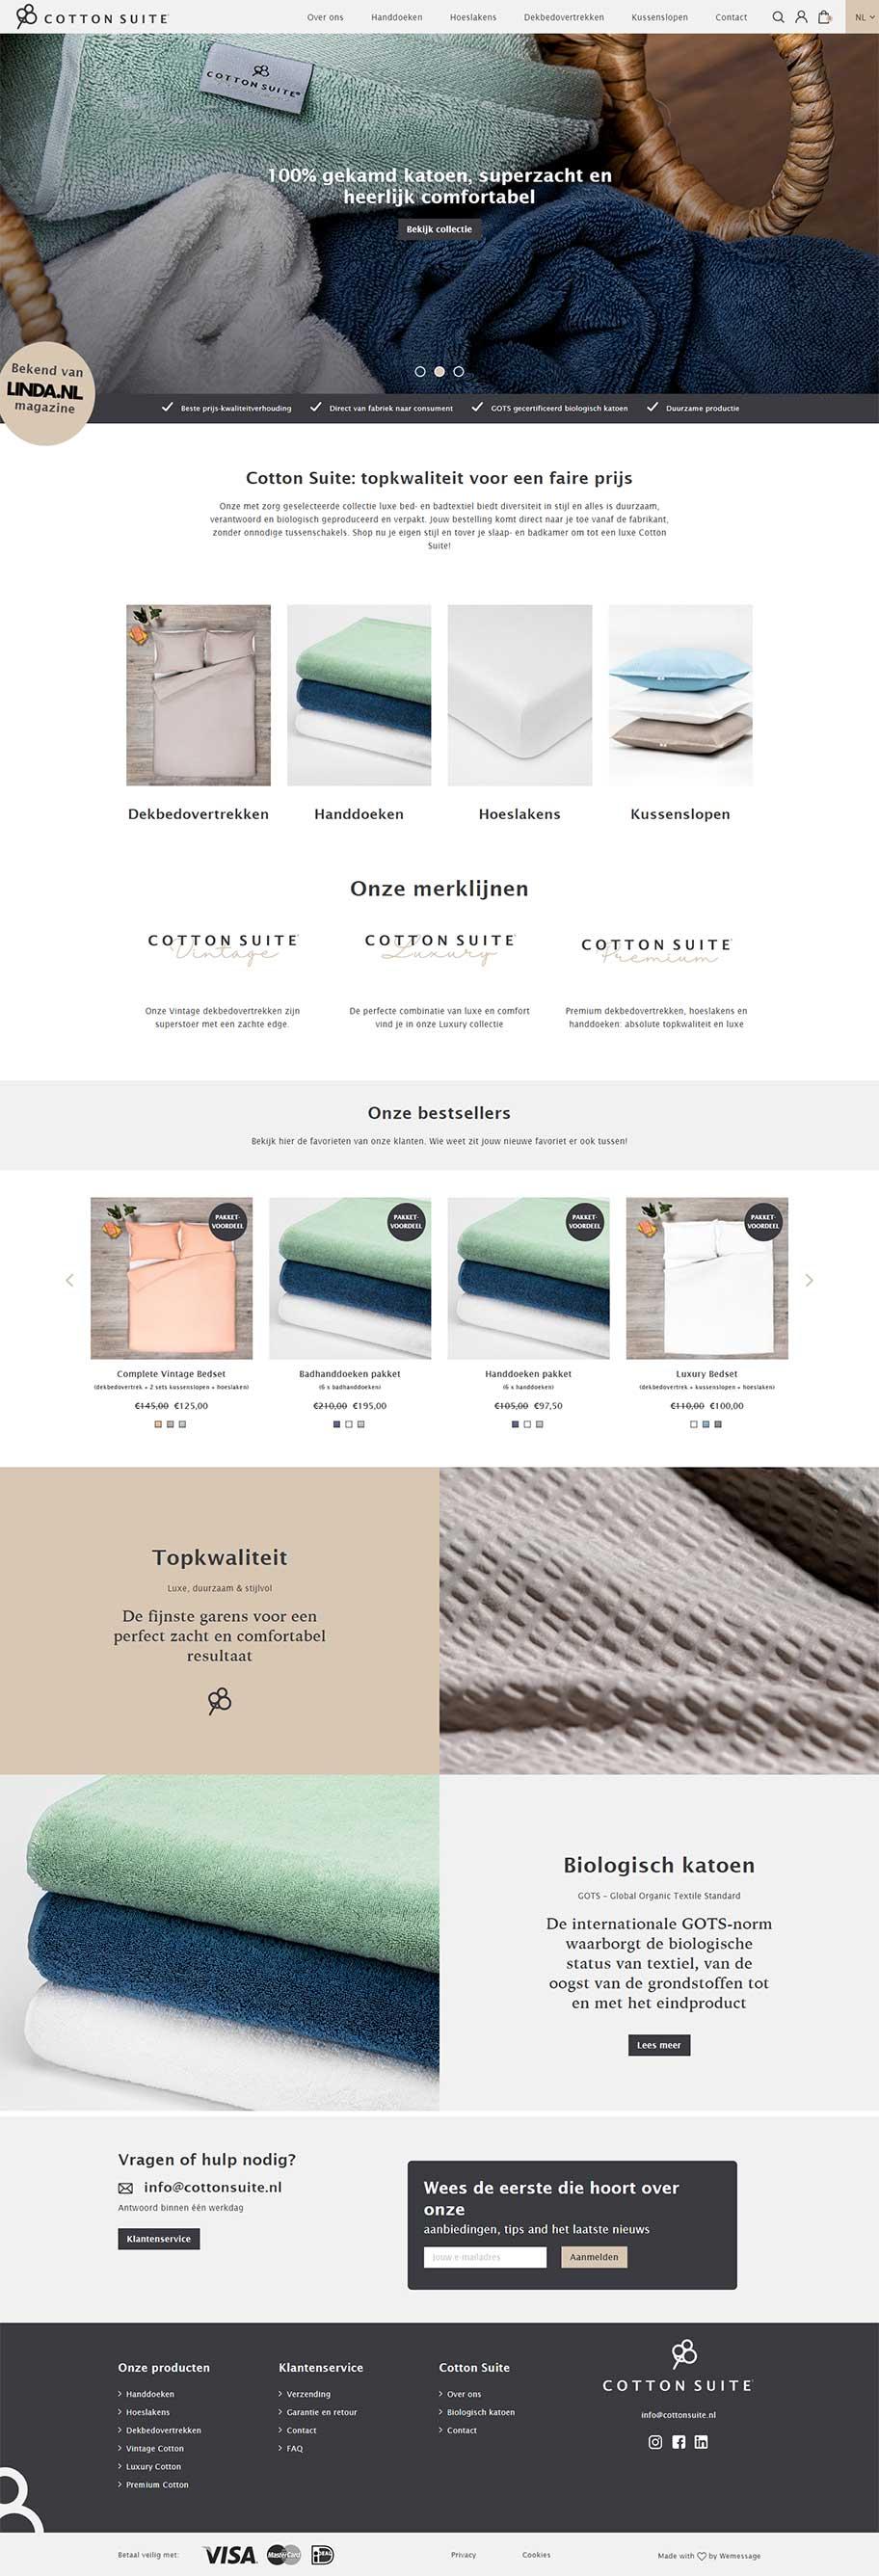 Cotton Suite website voorbeeld op desktop formaat